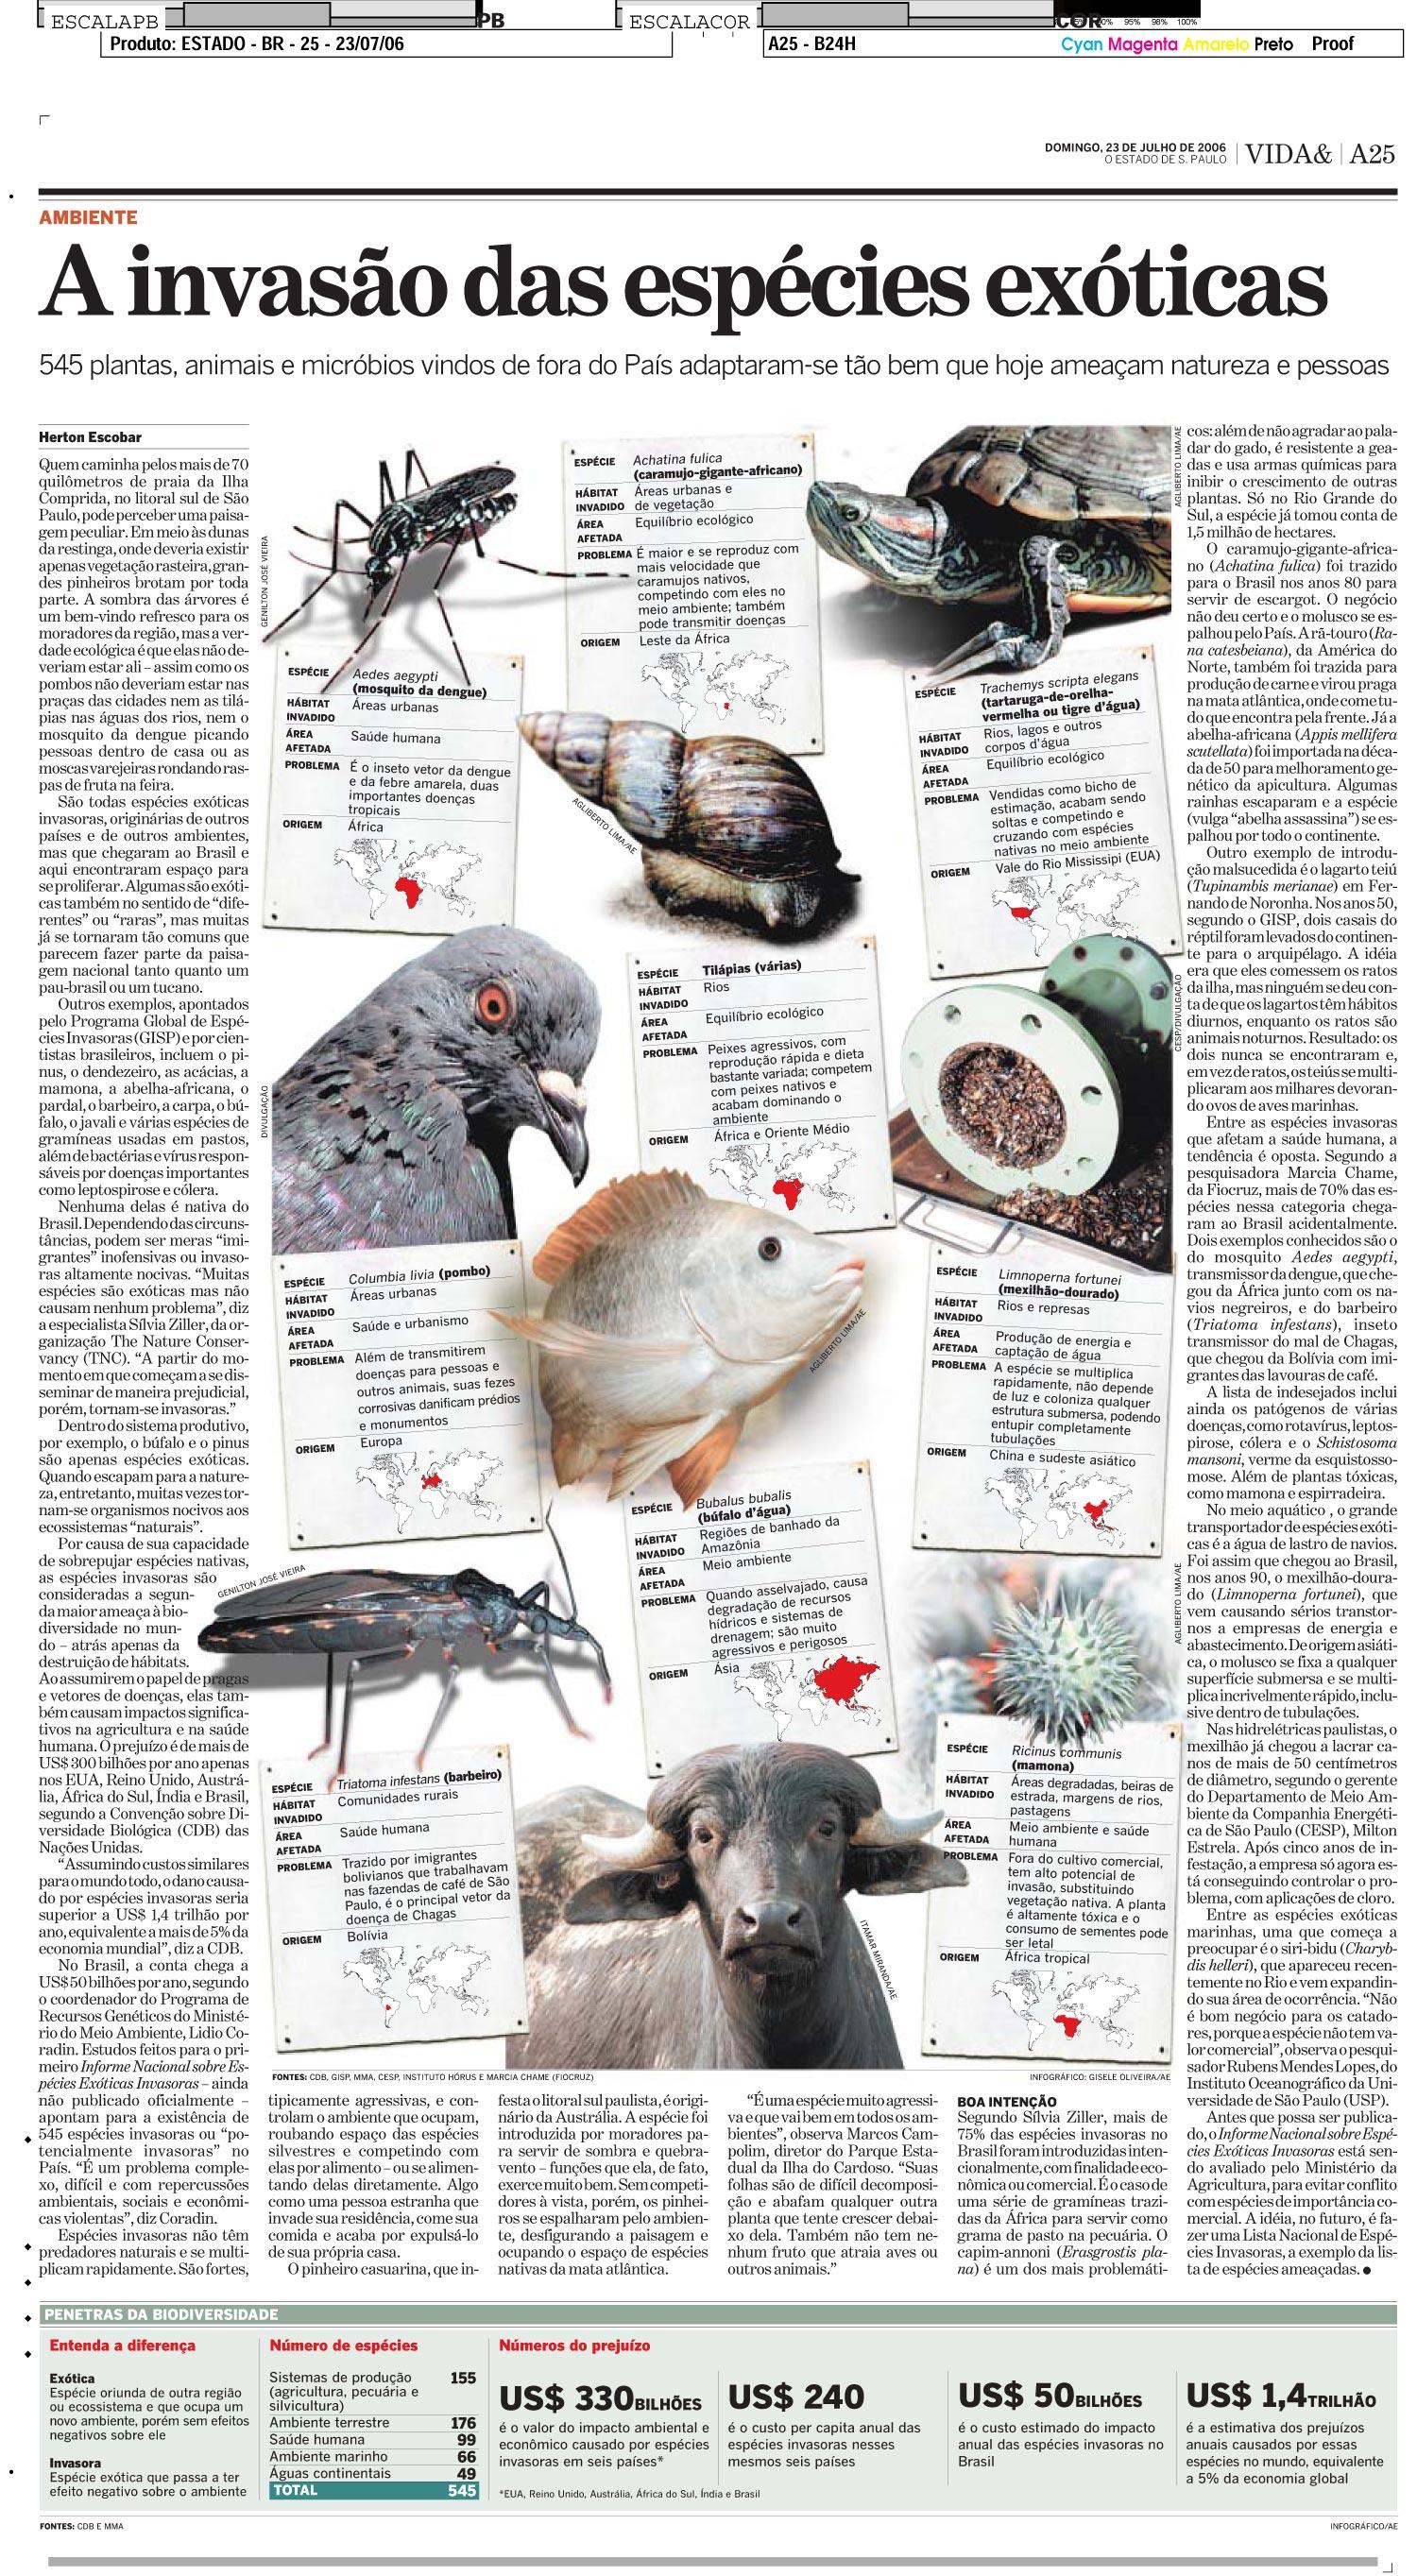 A invasão das espécies exóticas